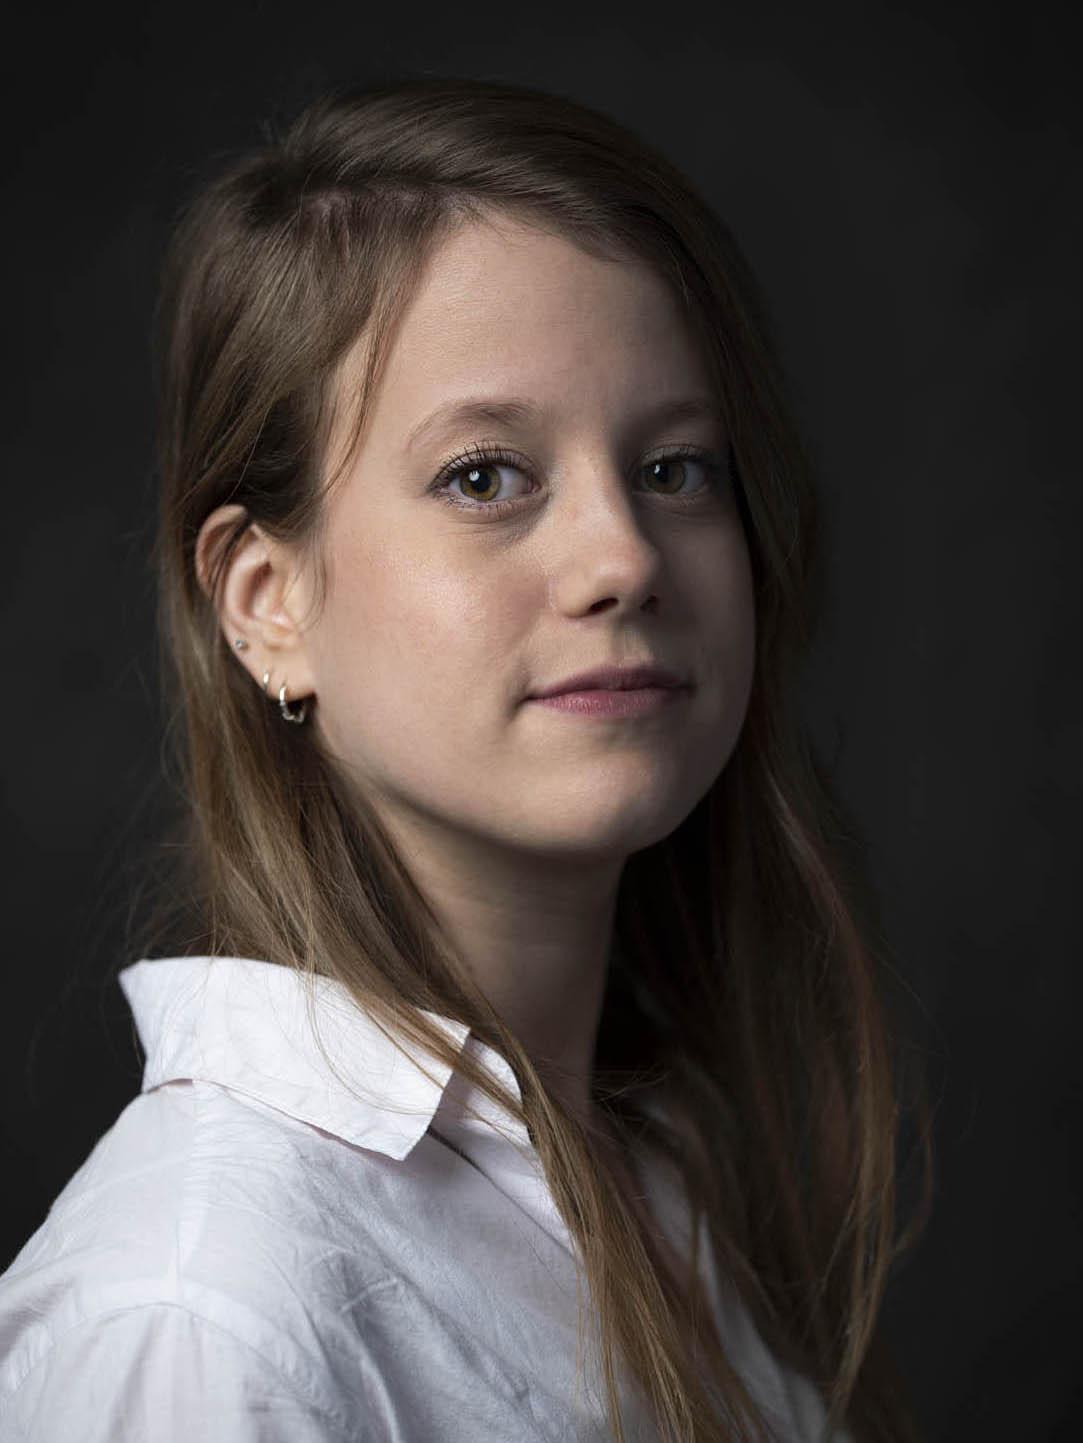 Sara van der Boon